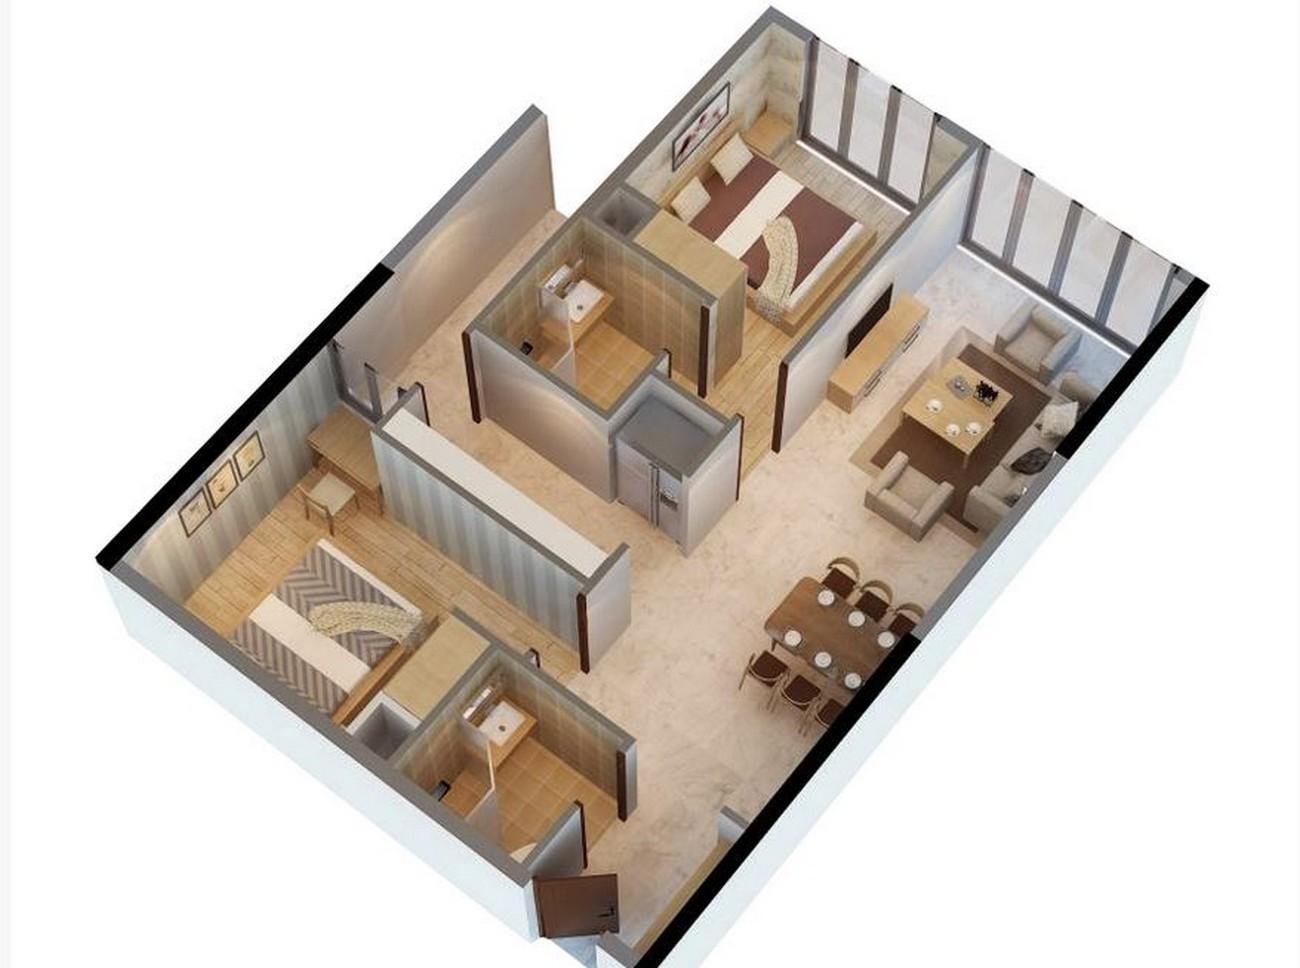 Thiết kế  dự án Căn Hộ chung cư Đức Long Golden Land Quan 7 Đường Huỳnh Tấn Phát chủ đầu tư Đức Long Gia Lai